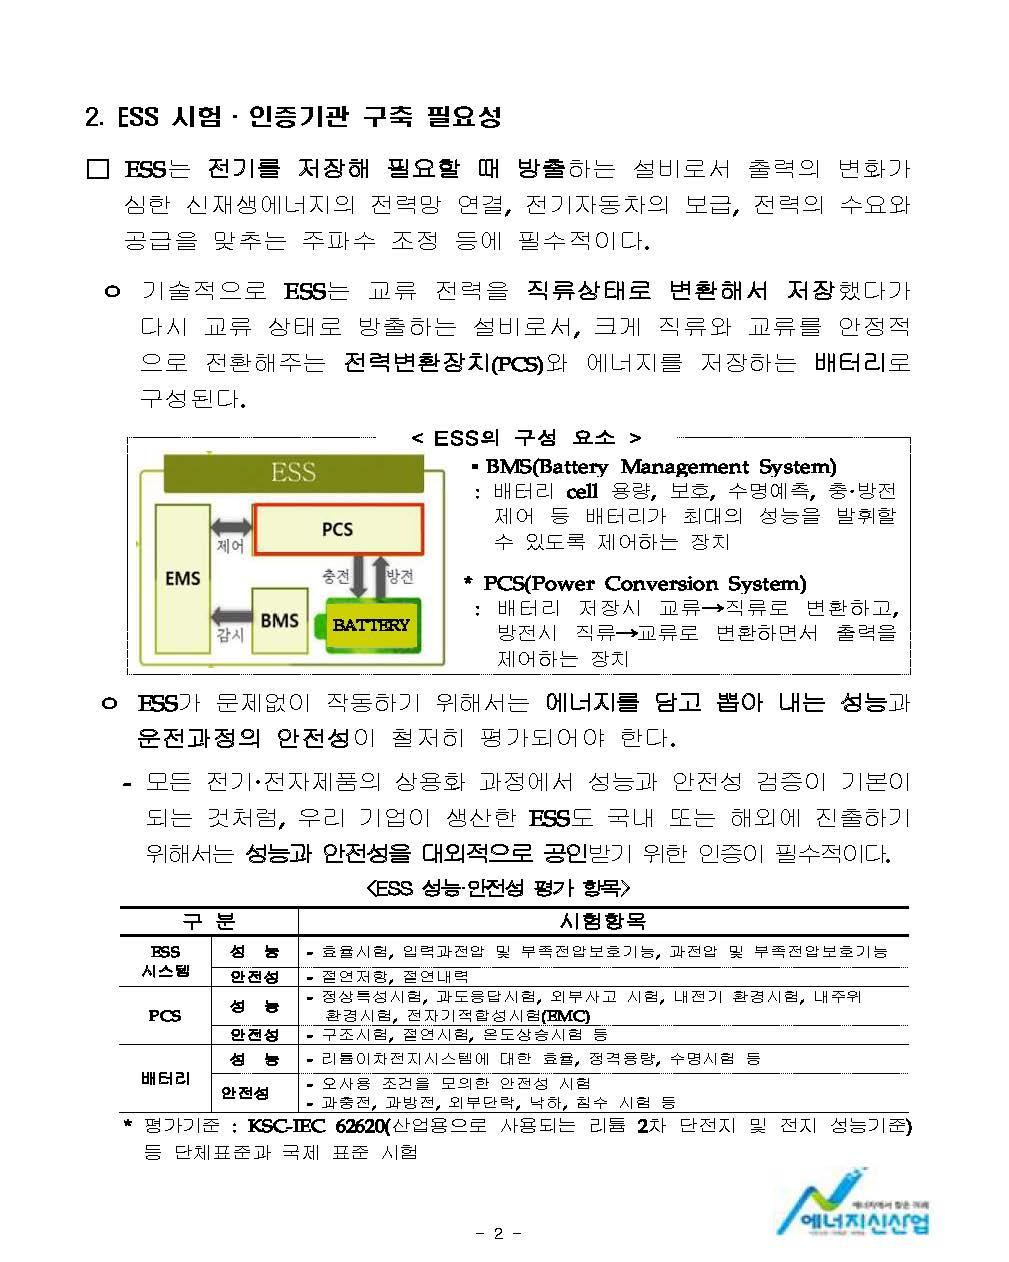 150902 (3일조간) 전력진흥과, 대용량 에너지장치 시험인증기반 구축_페이지_02.jpg